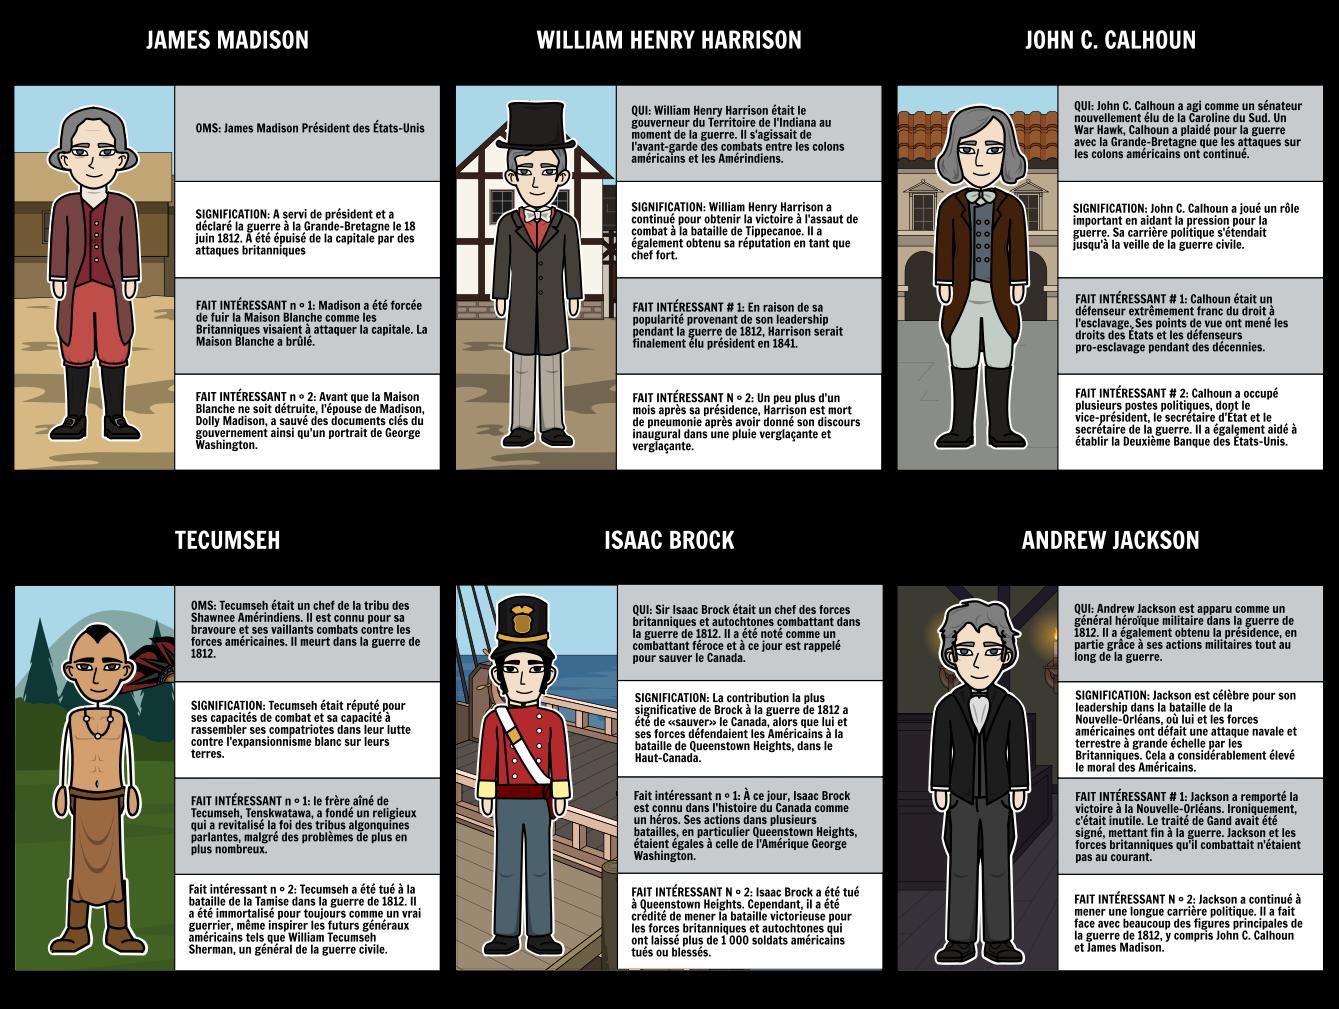 Guerre de 1812 - Principaux personnages de la guerre de 1812